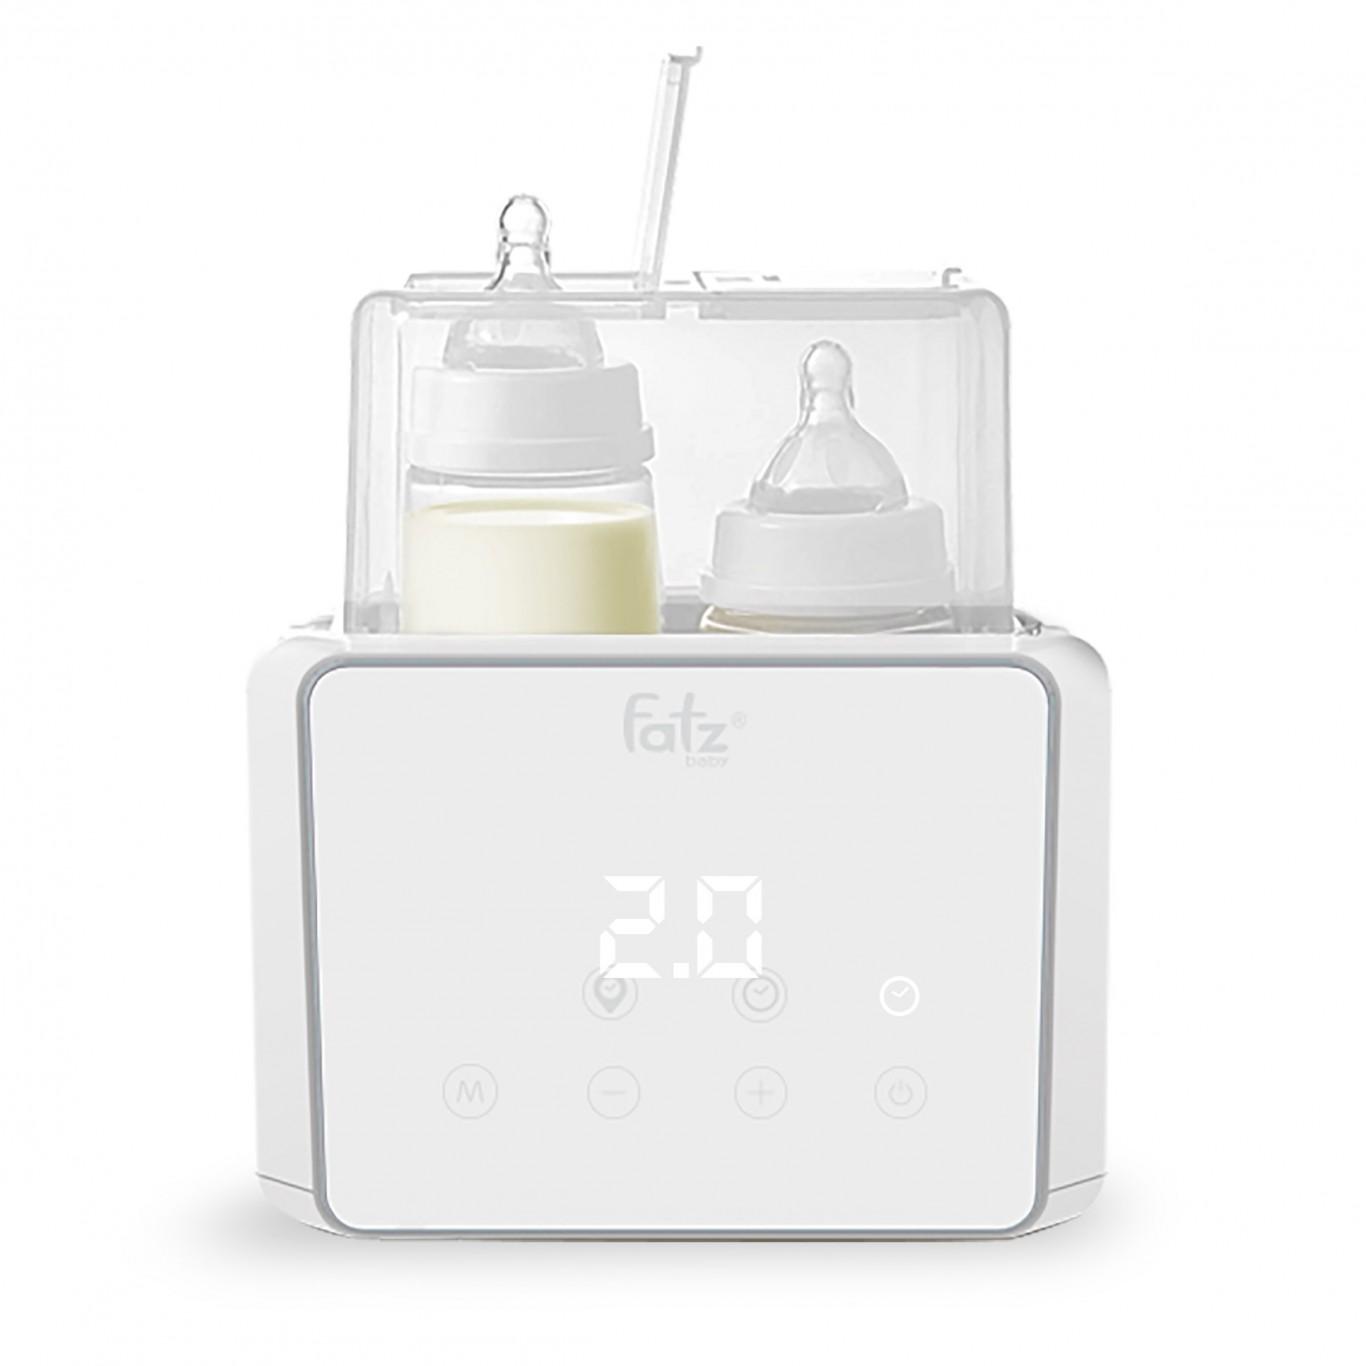 Máy hâm sữa tiệt trùng điện tử Fatz Baby Duo 3 FB3093VN, giá đỡ ngăn cách đế đun nóng, tiện...